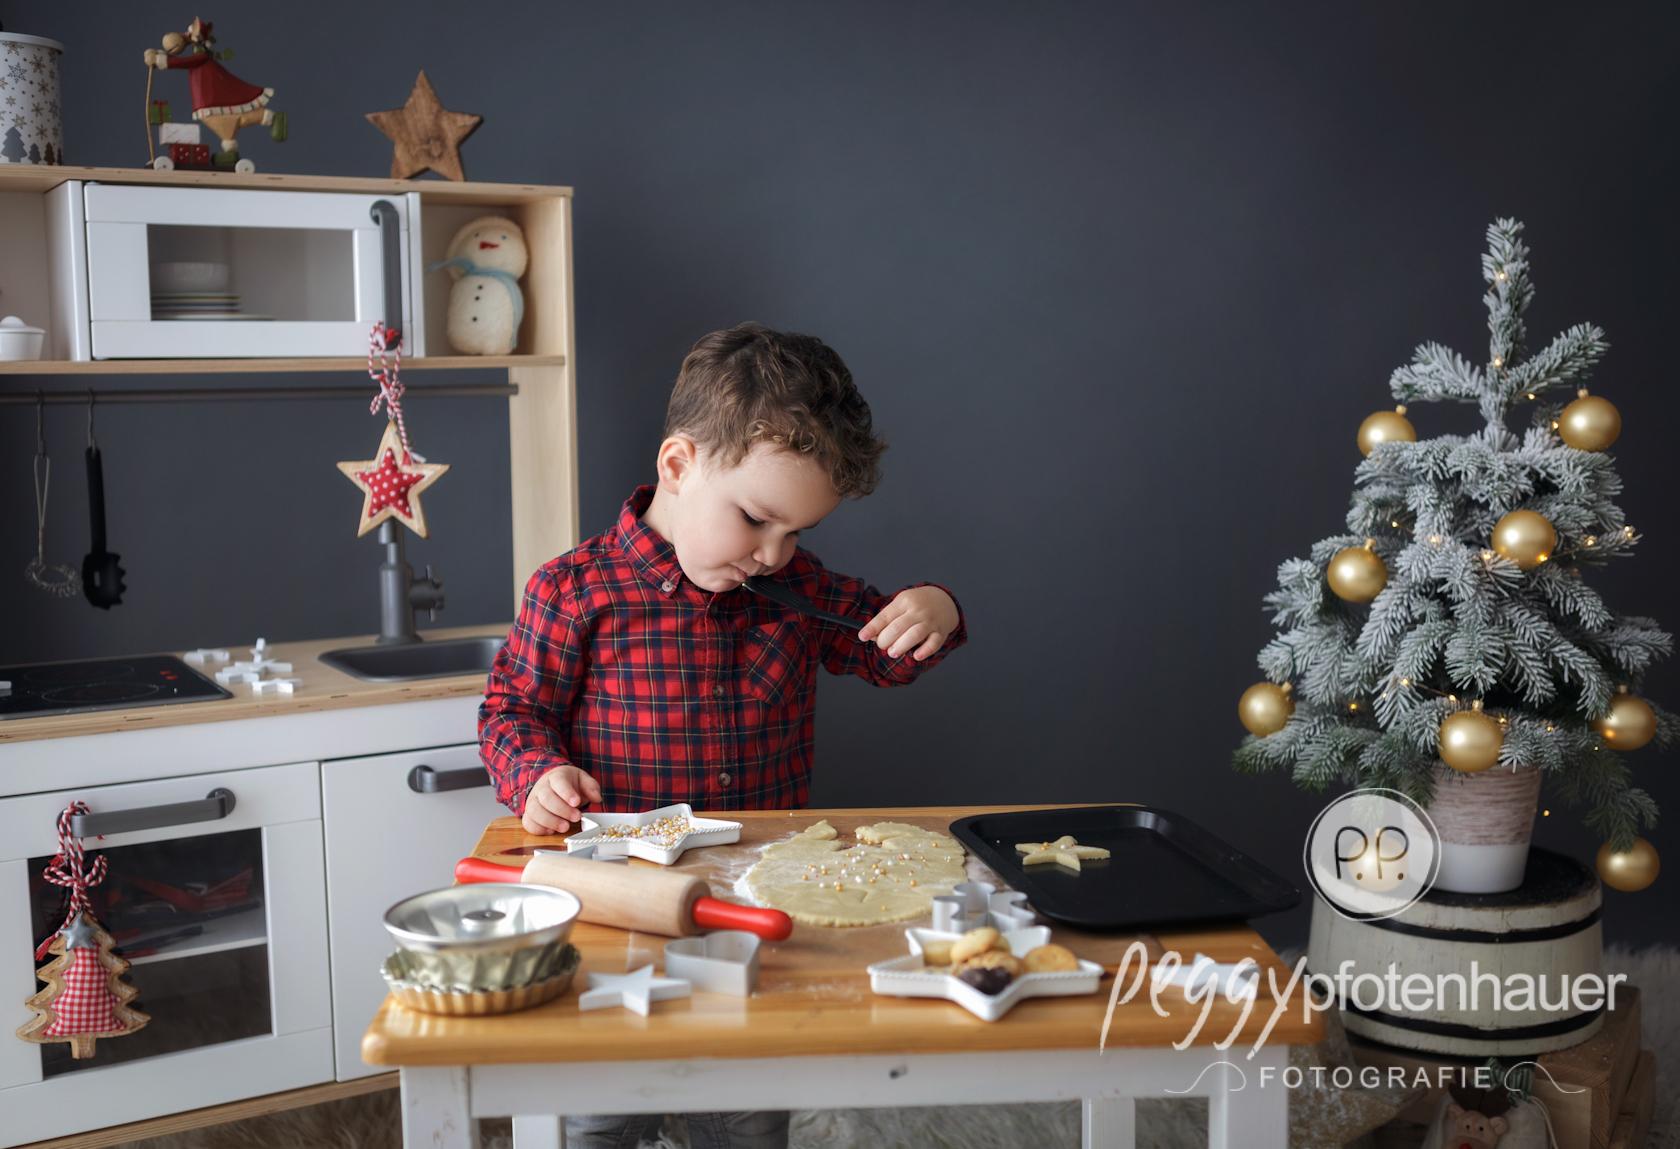 Weihnachtsbilder Peggy Pfotenhauer Fotografie